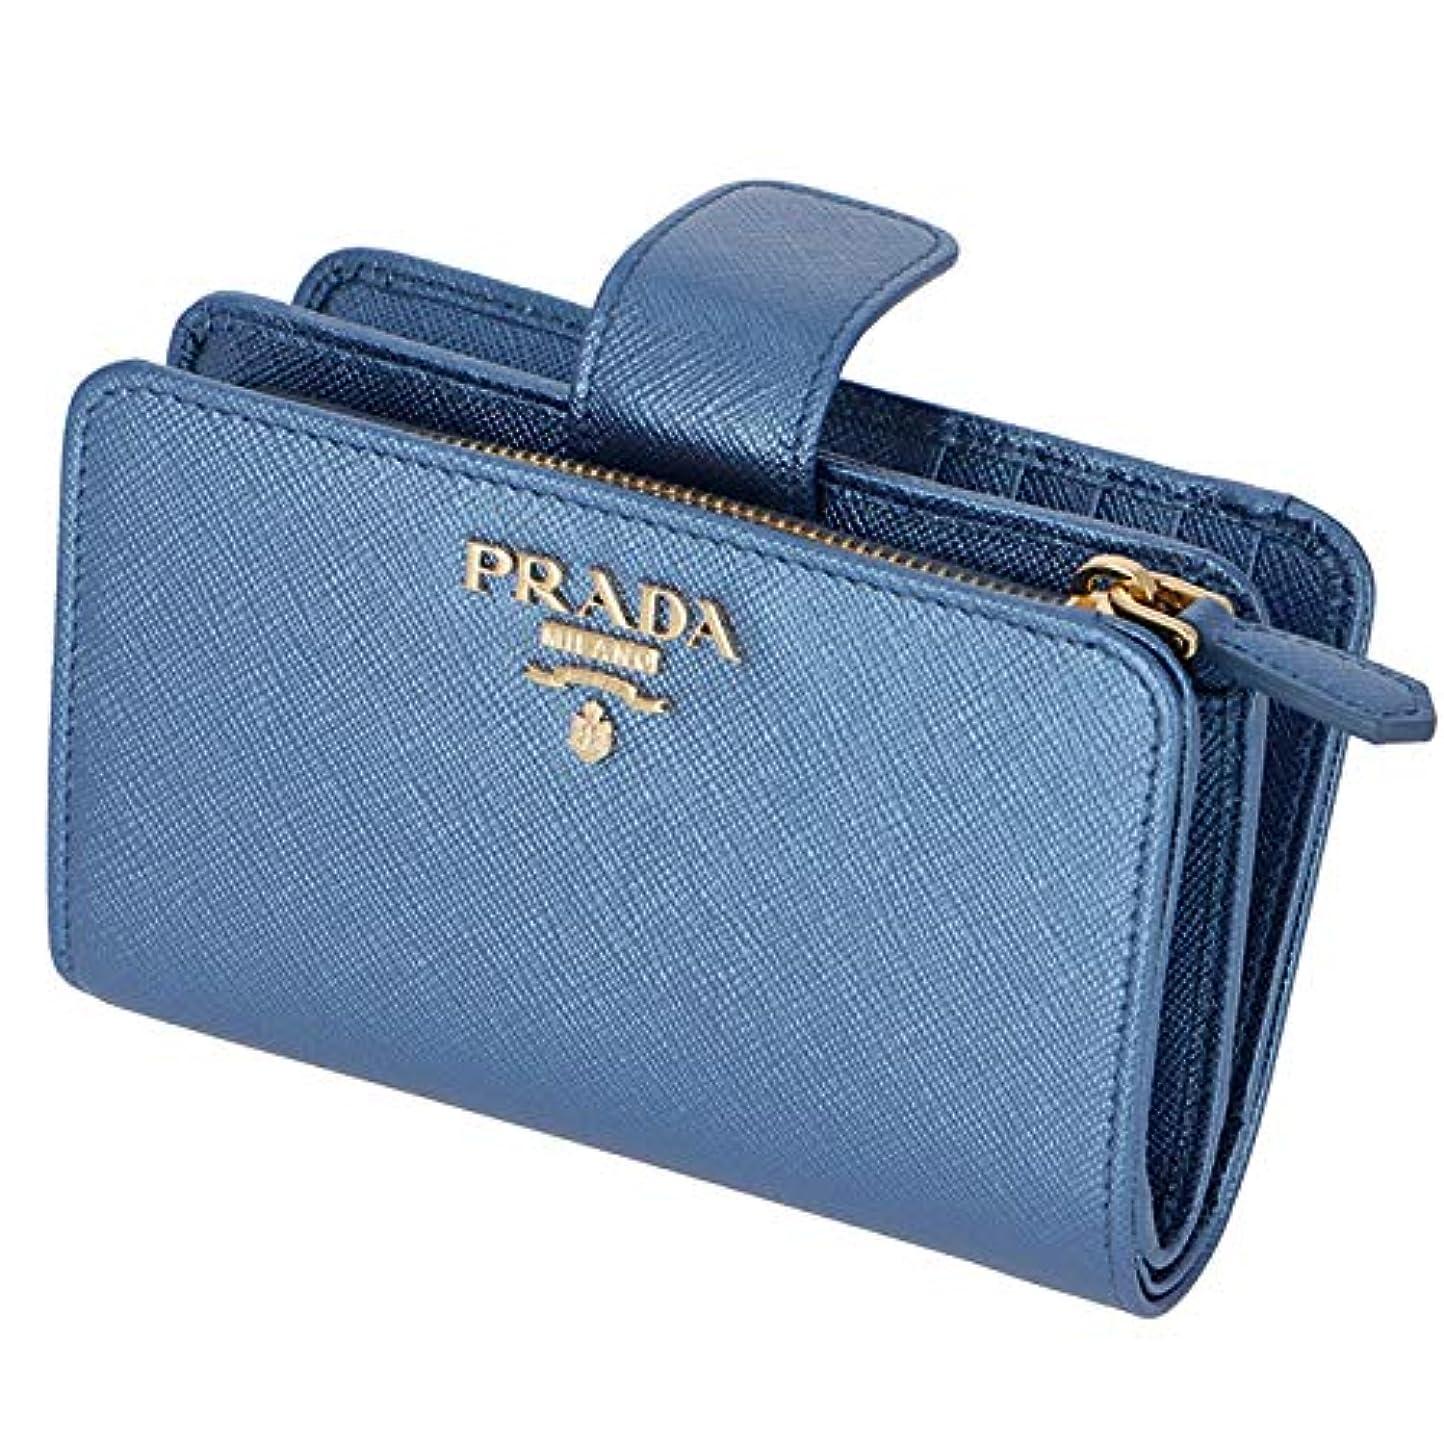 やめるベル他のバンドでPRADA(プラダ) 財布 二つ折り 二つ折り財布 折財布 サフィアーノ 財布 レディース 二つ折り財布 1ML225 QWA CSQ [並行輸入品]